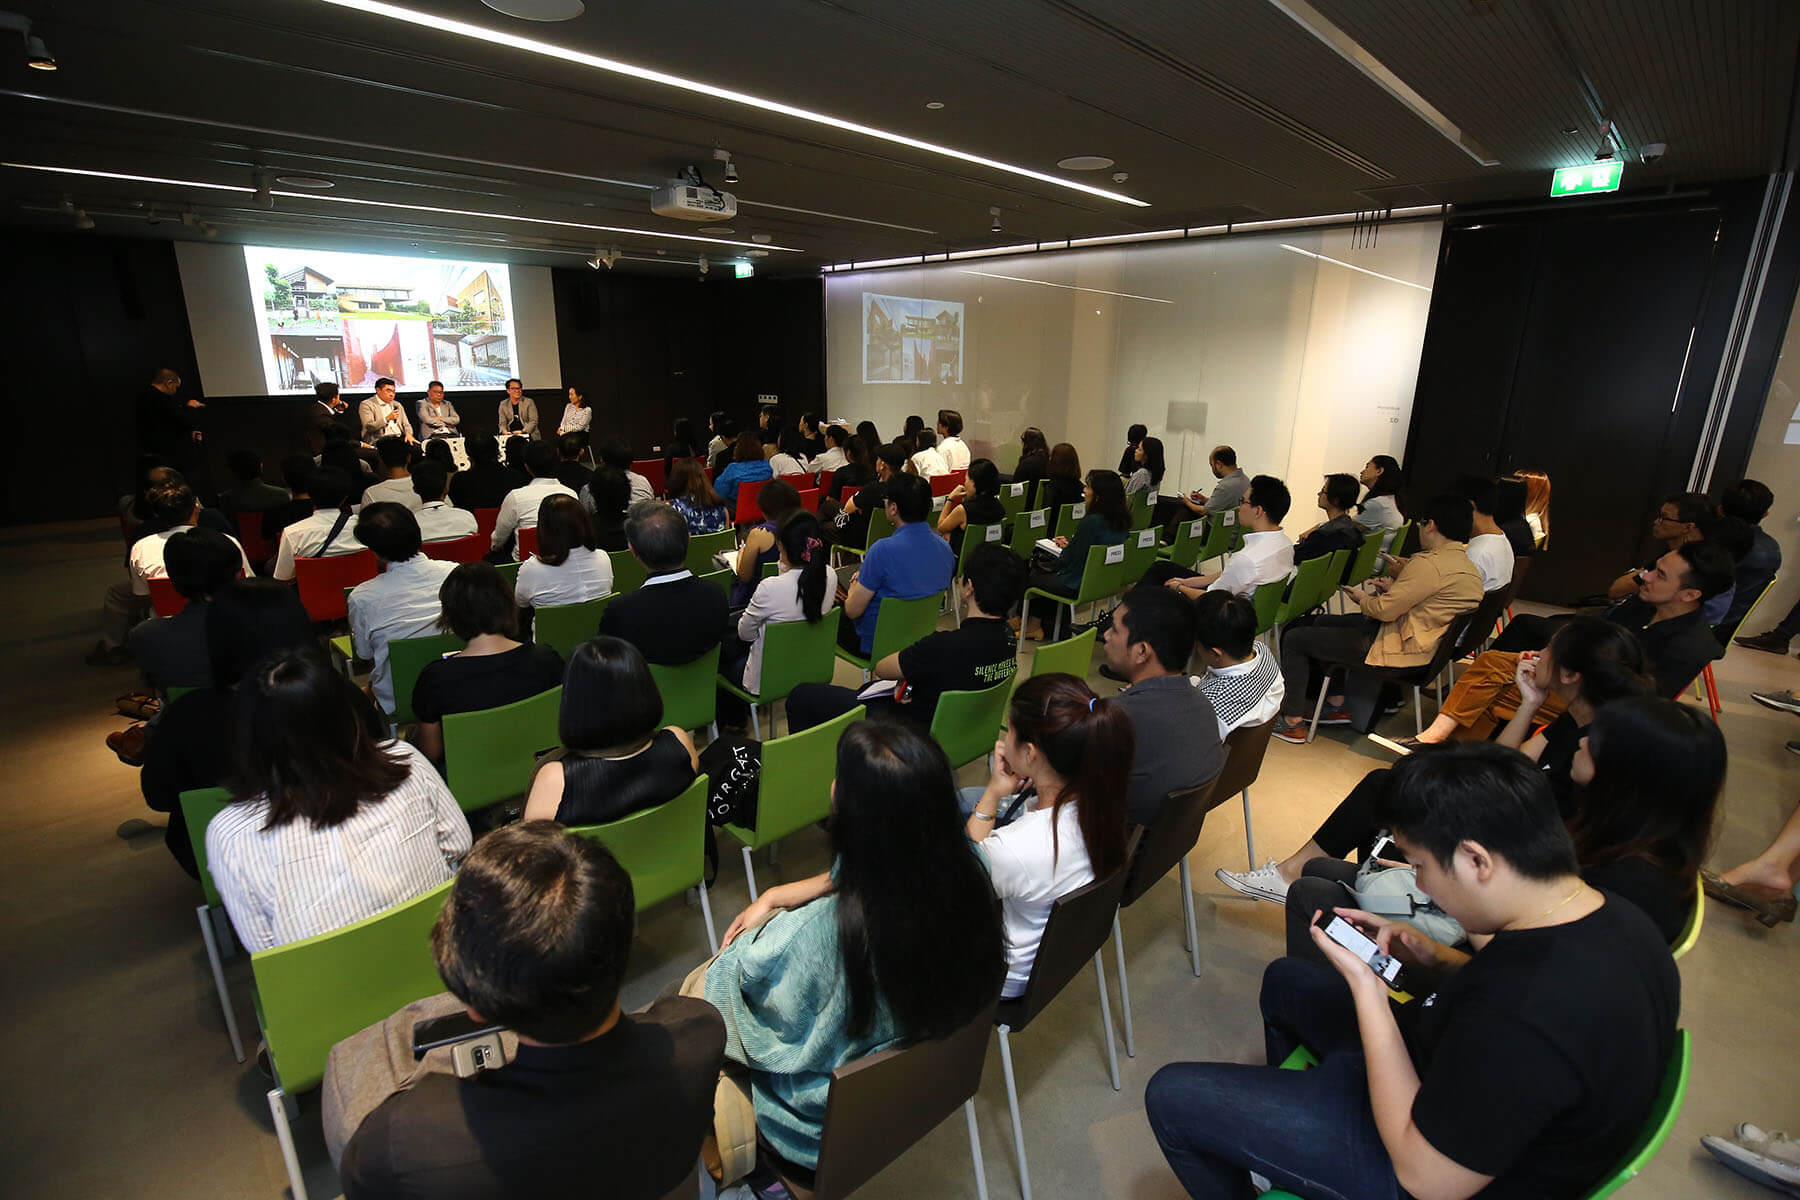 ปรับ Mindset คน เพื่อ เปลี่ยนองค์กรให้อยู่รอด ด้วย Workplace Transformation 15 -